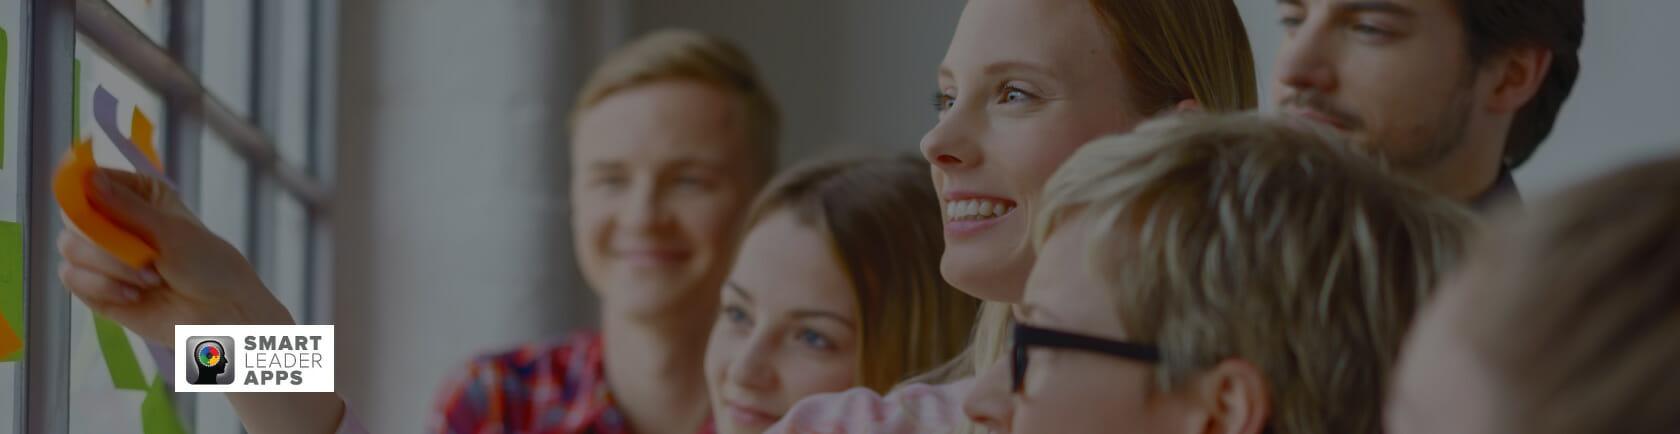 SmartLeader Apps Build Teams